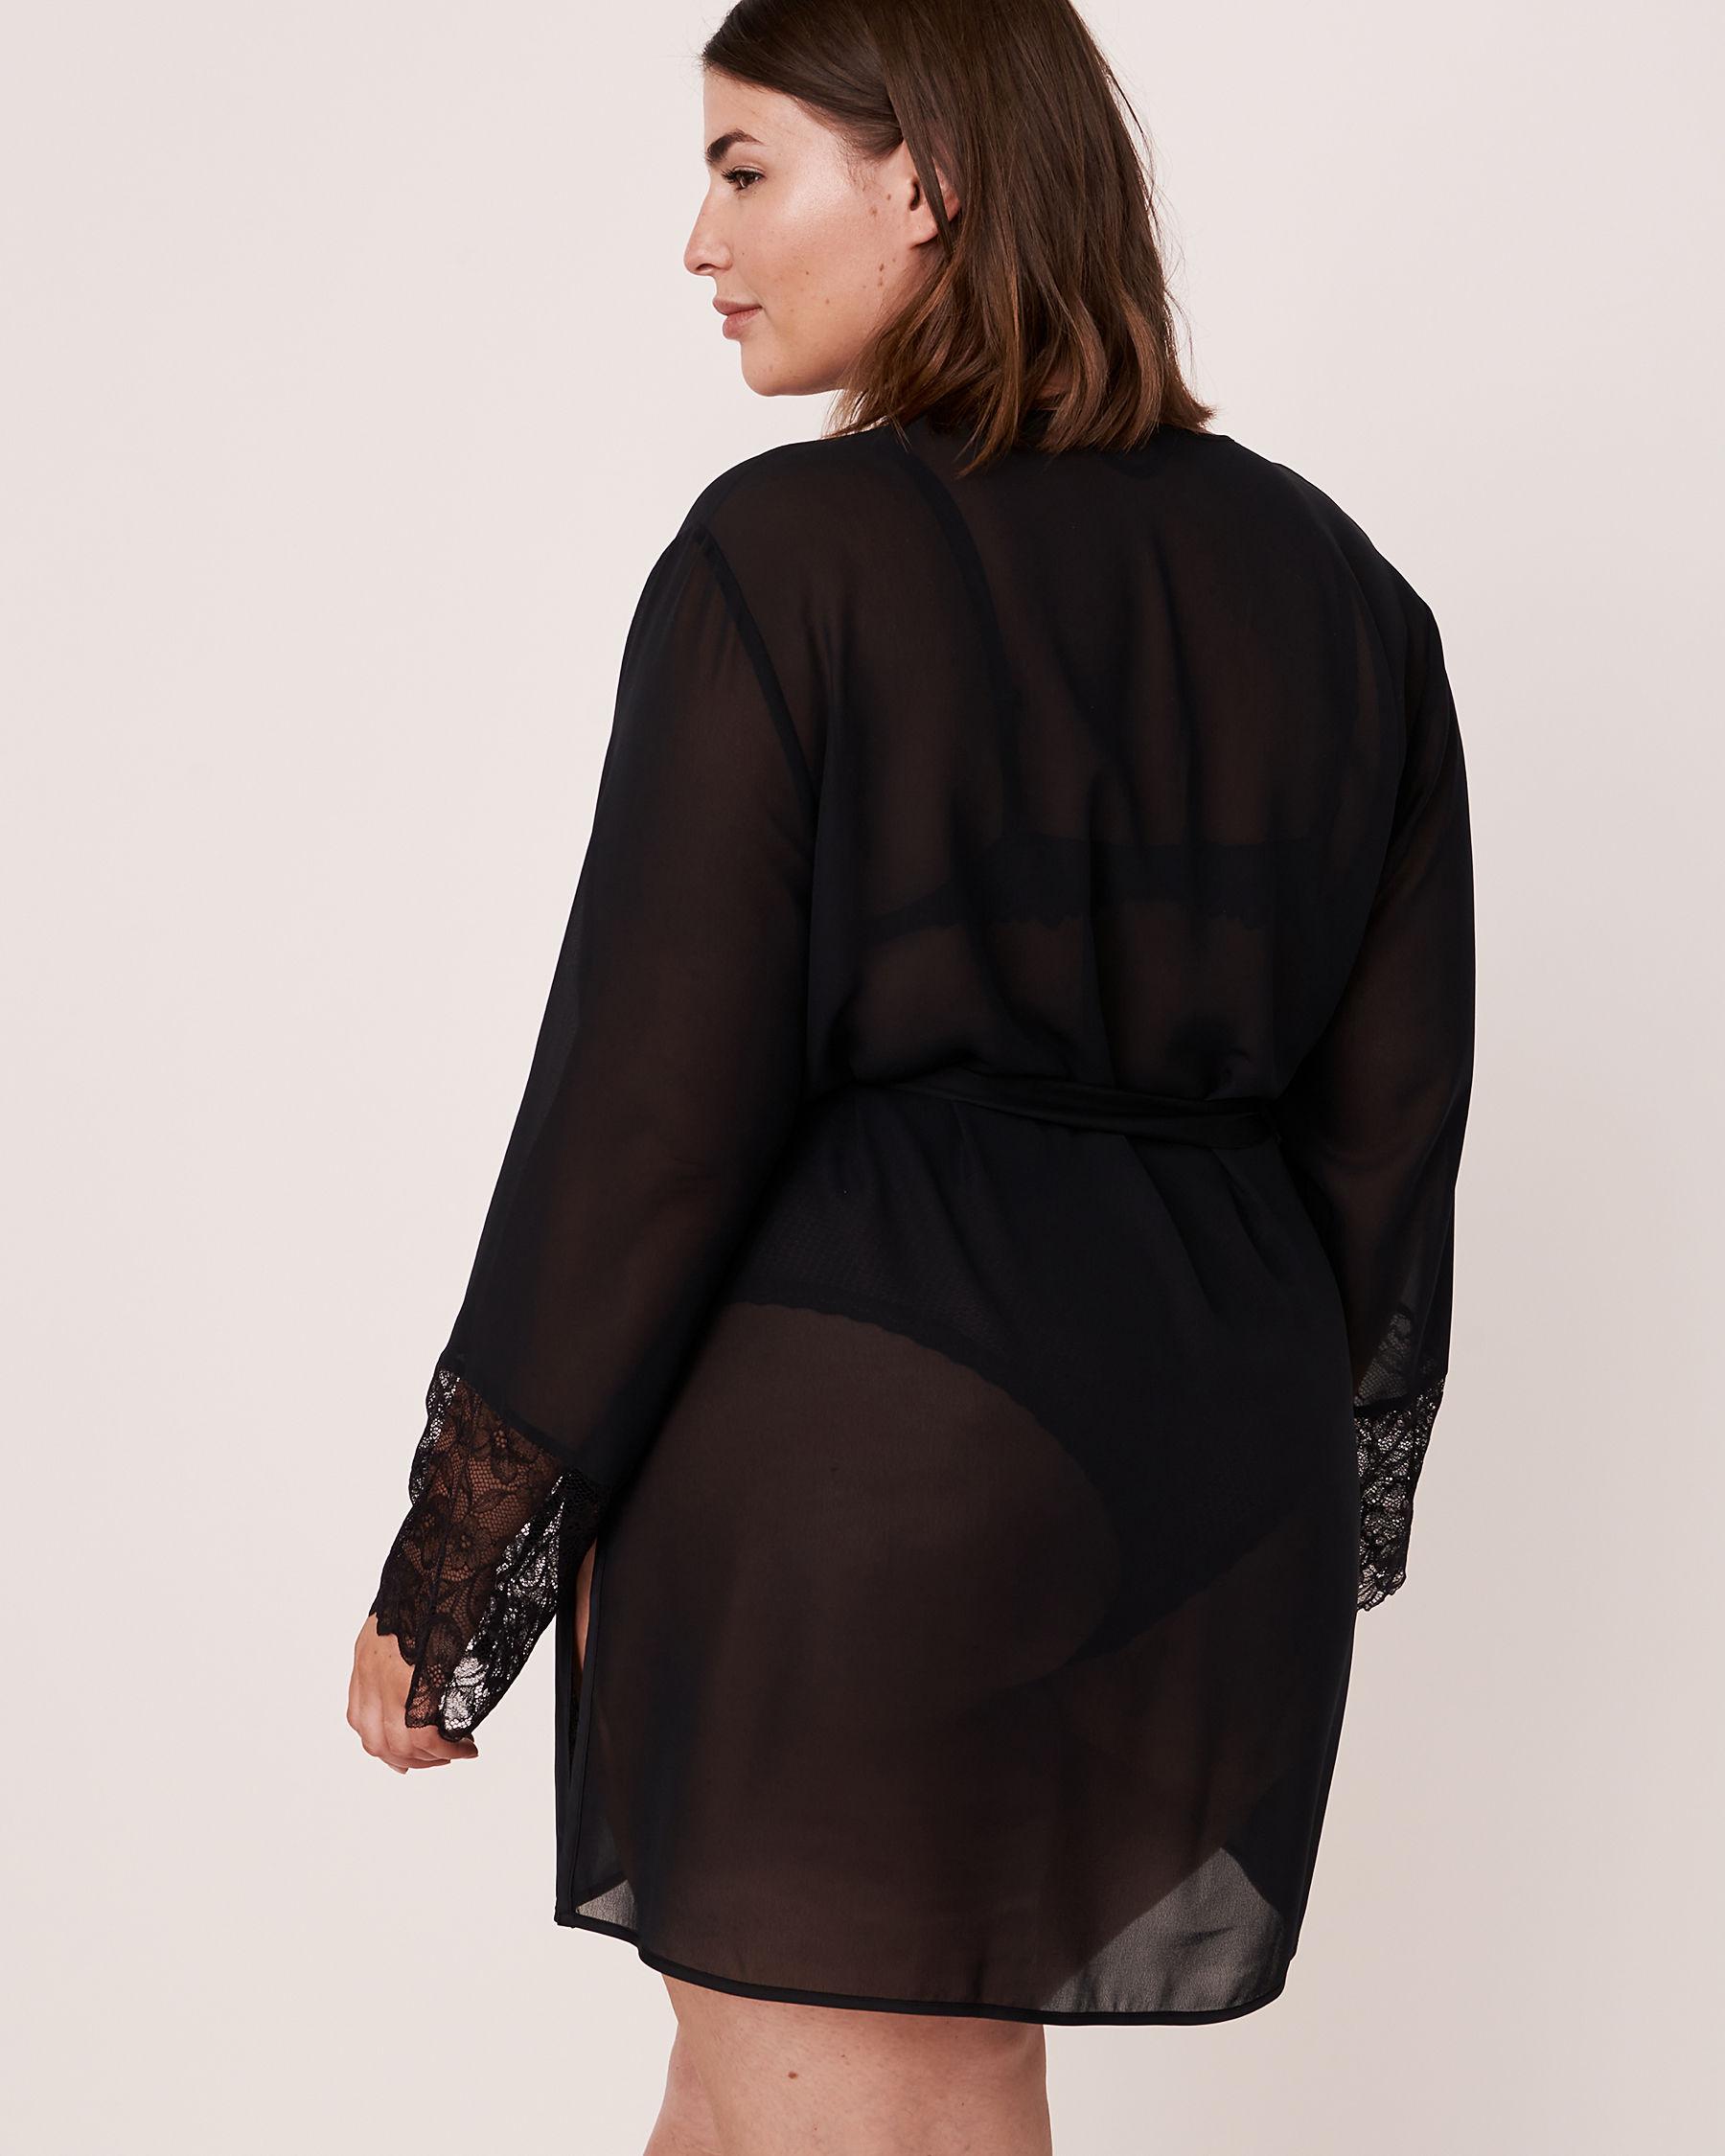 LA VIE EN ROSE Lace Trim Kimono Black 60600006 - View6